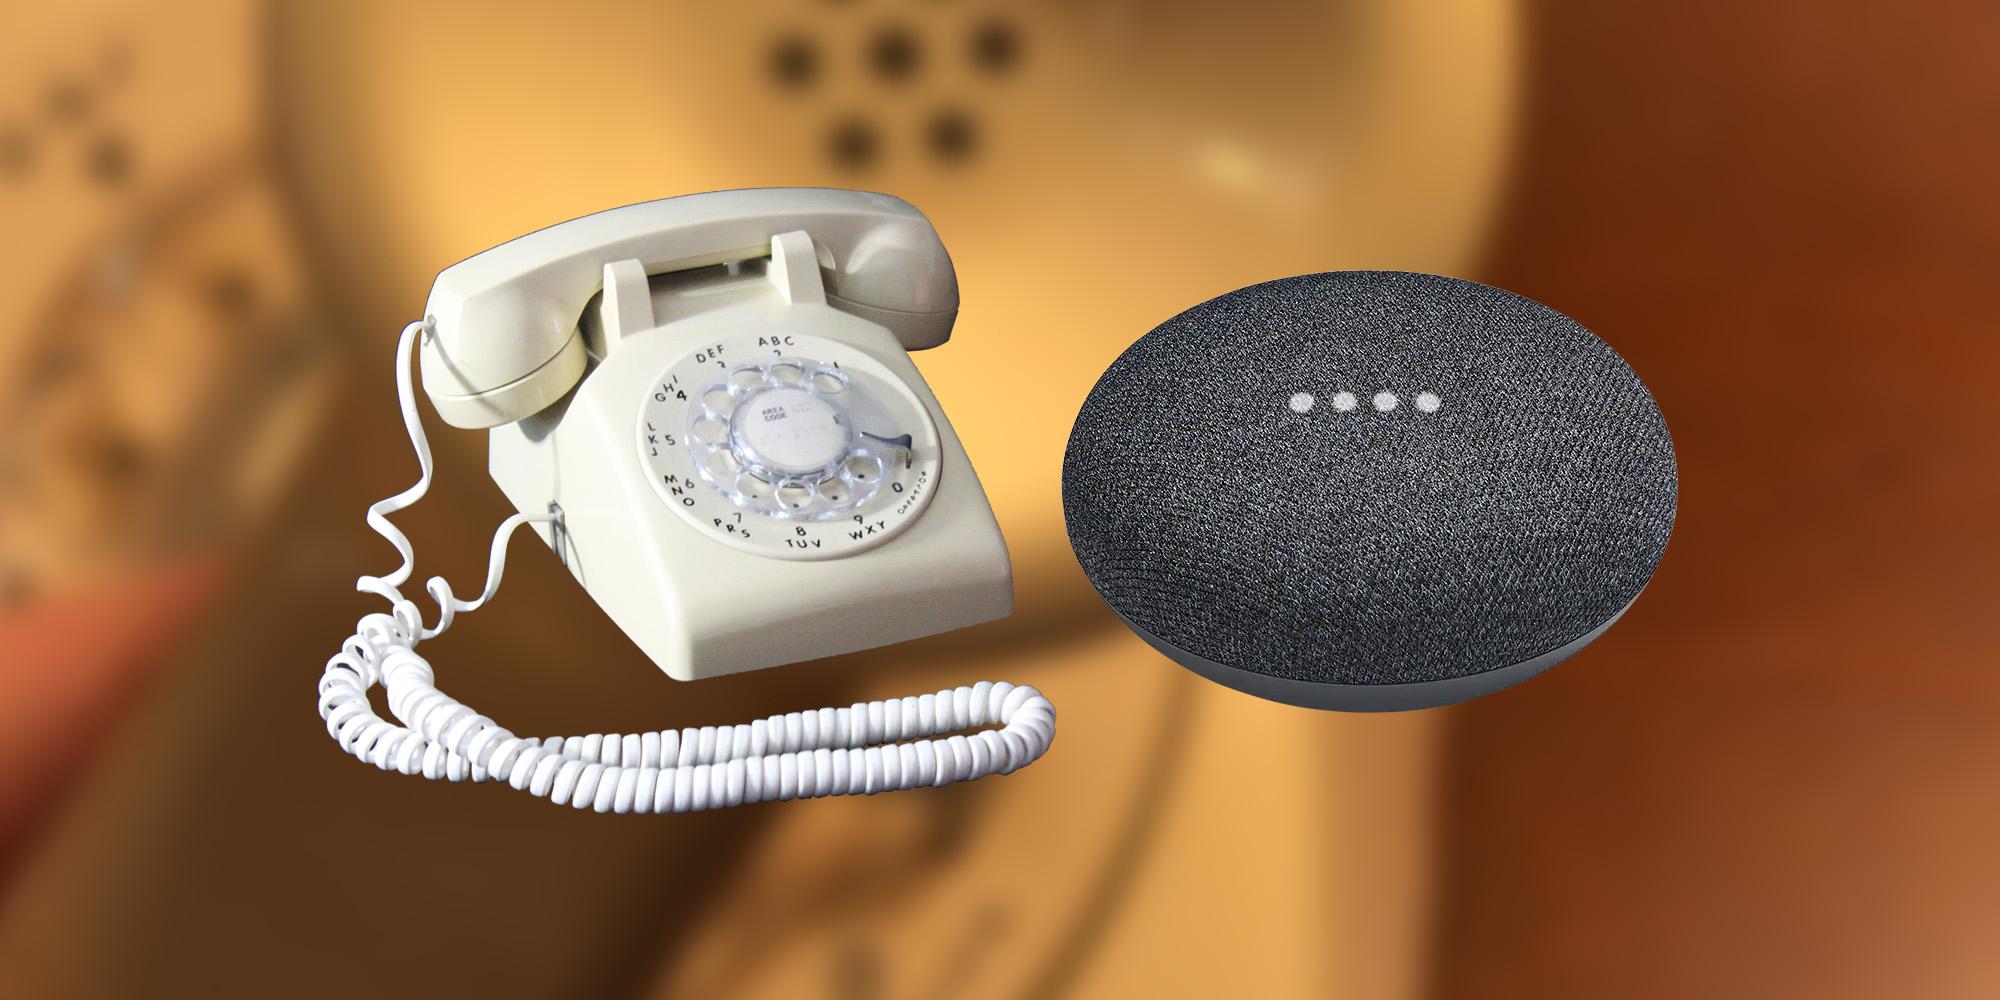 Mod steckt Google Home Mini in ein Telefon mit Wählscheibe, damit Sie den Assistenten auflegen können